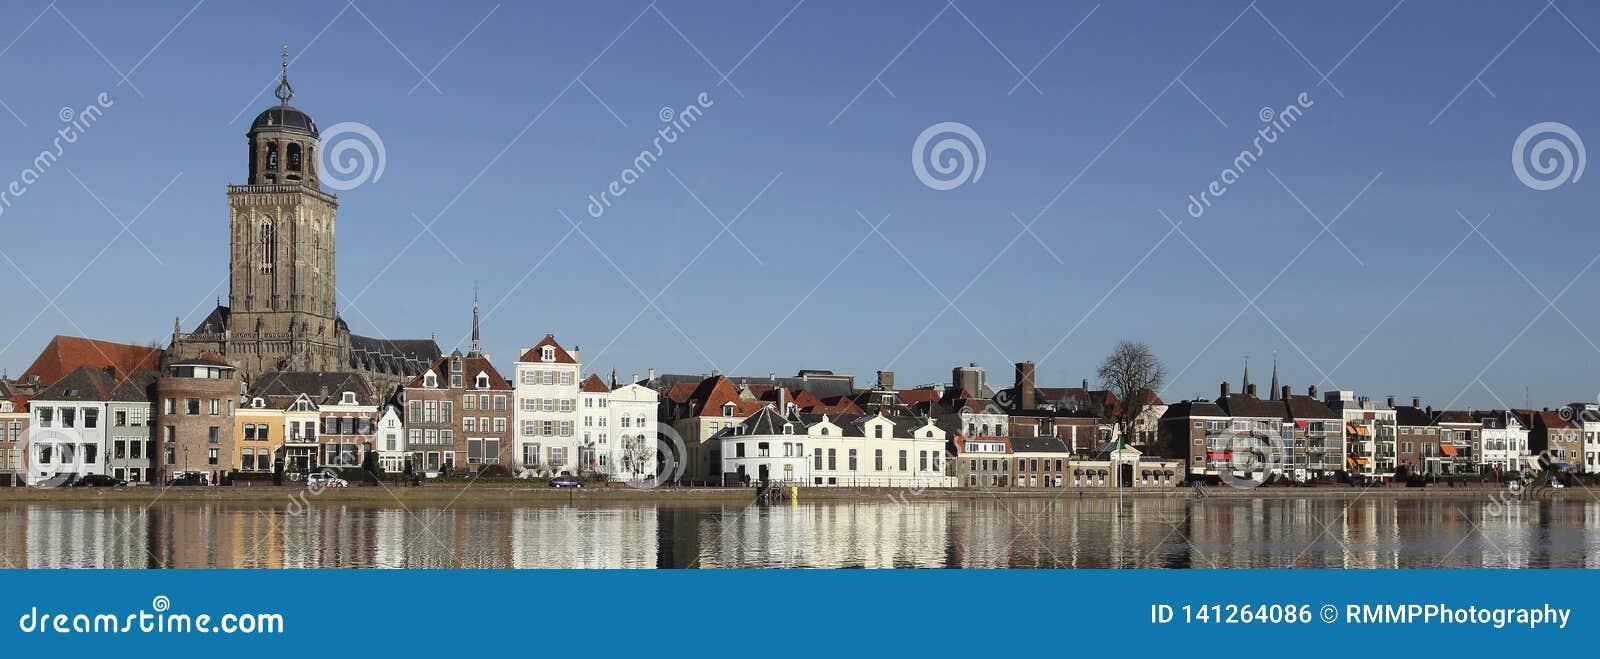 De horizon van de stad van Deventer in Nederland